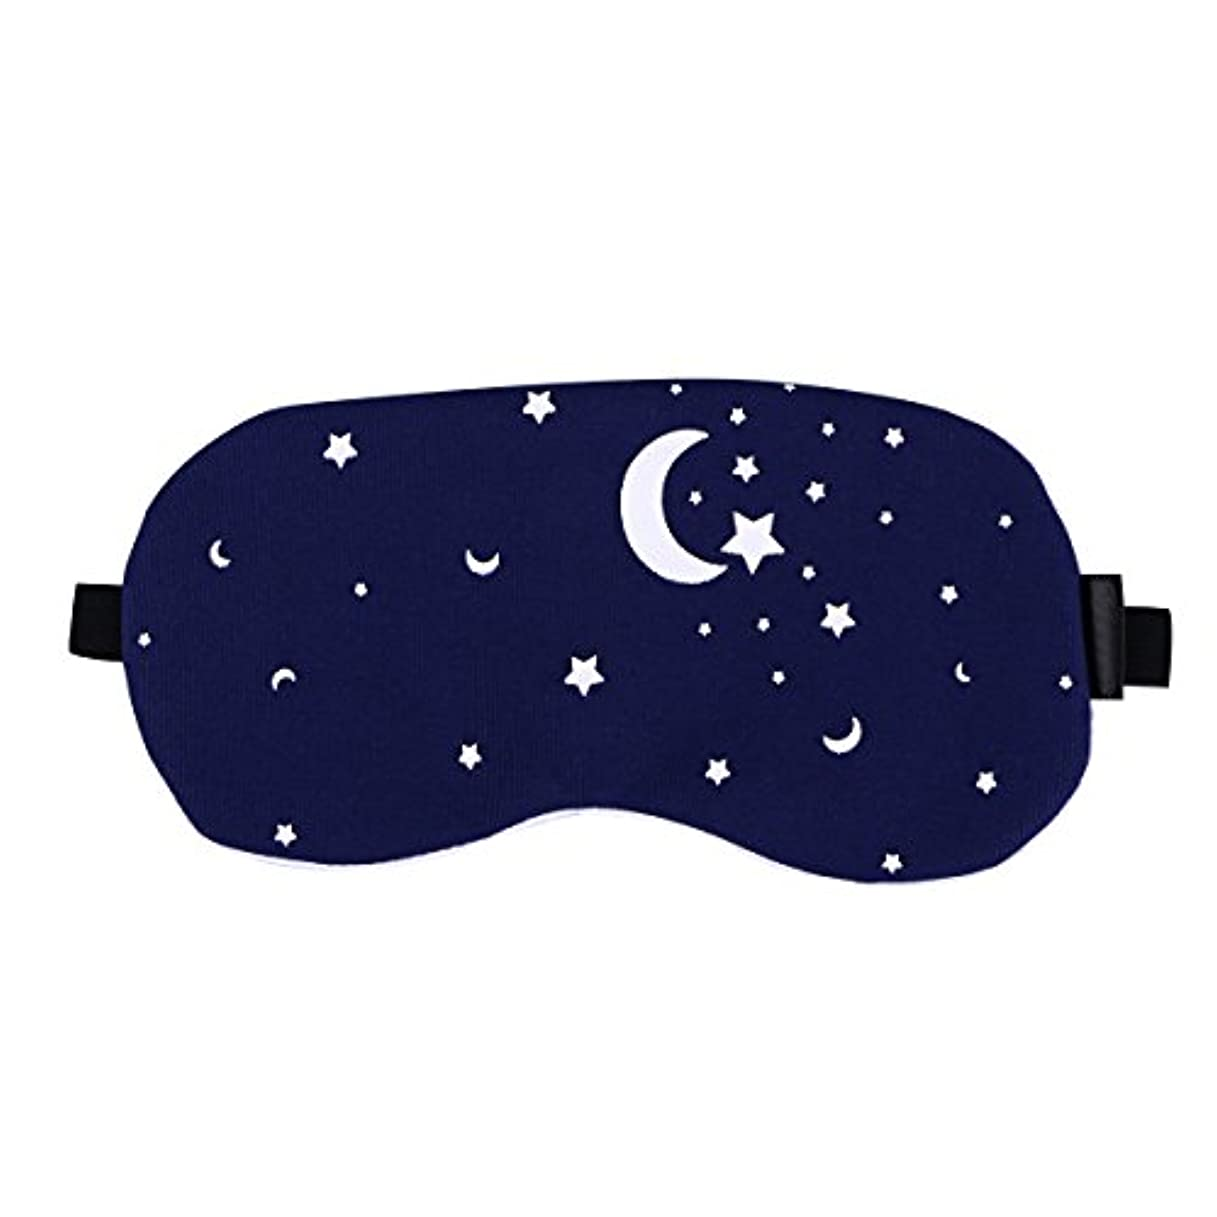 病気品揃えつらいHealifty 男性と女性のための夜の眠りの目のマスクの綿とリネンの睡眠の盲目の睡眠のマスクのアイカバー調節可能なアイシェード(星空)